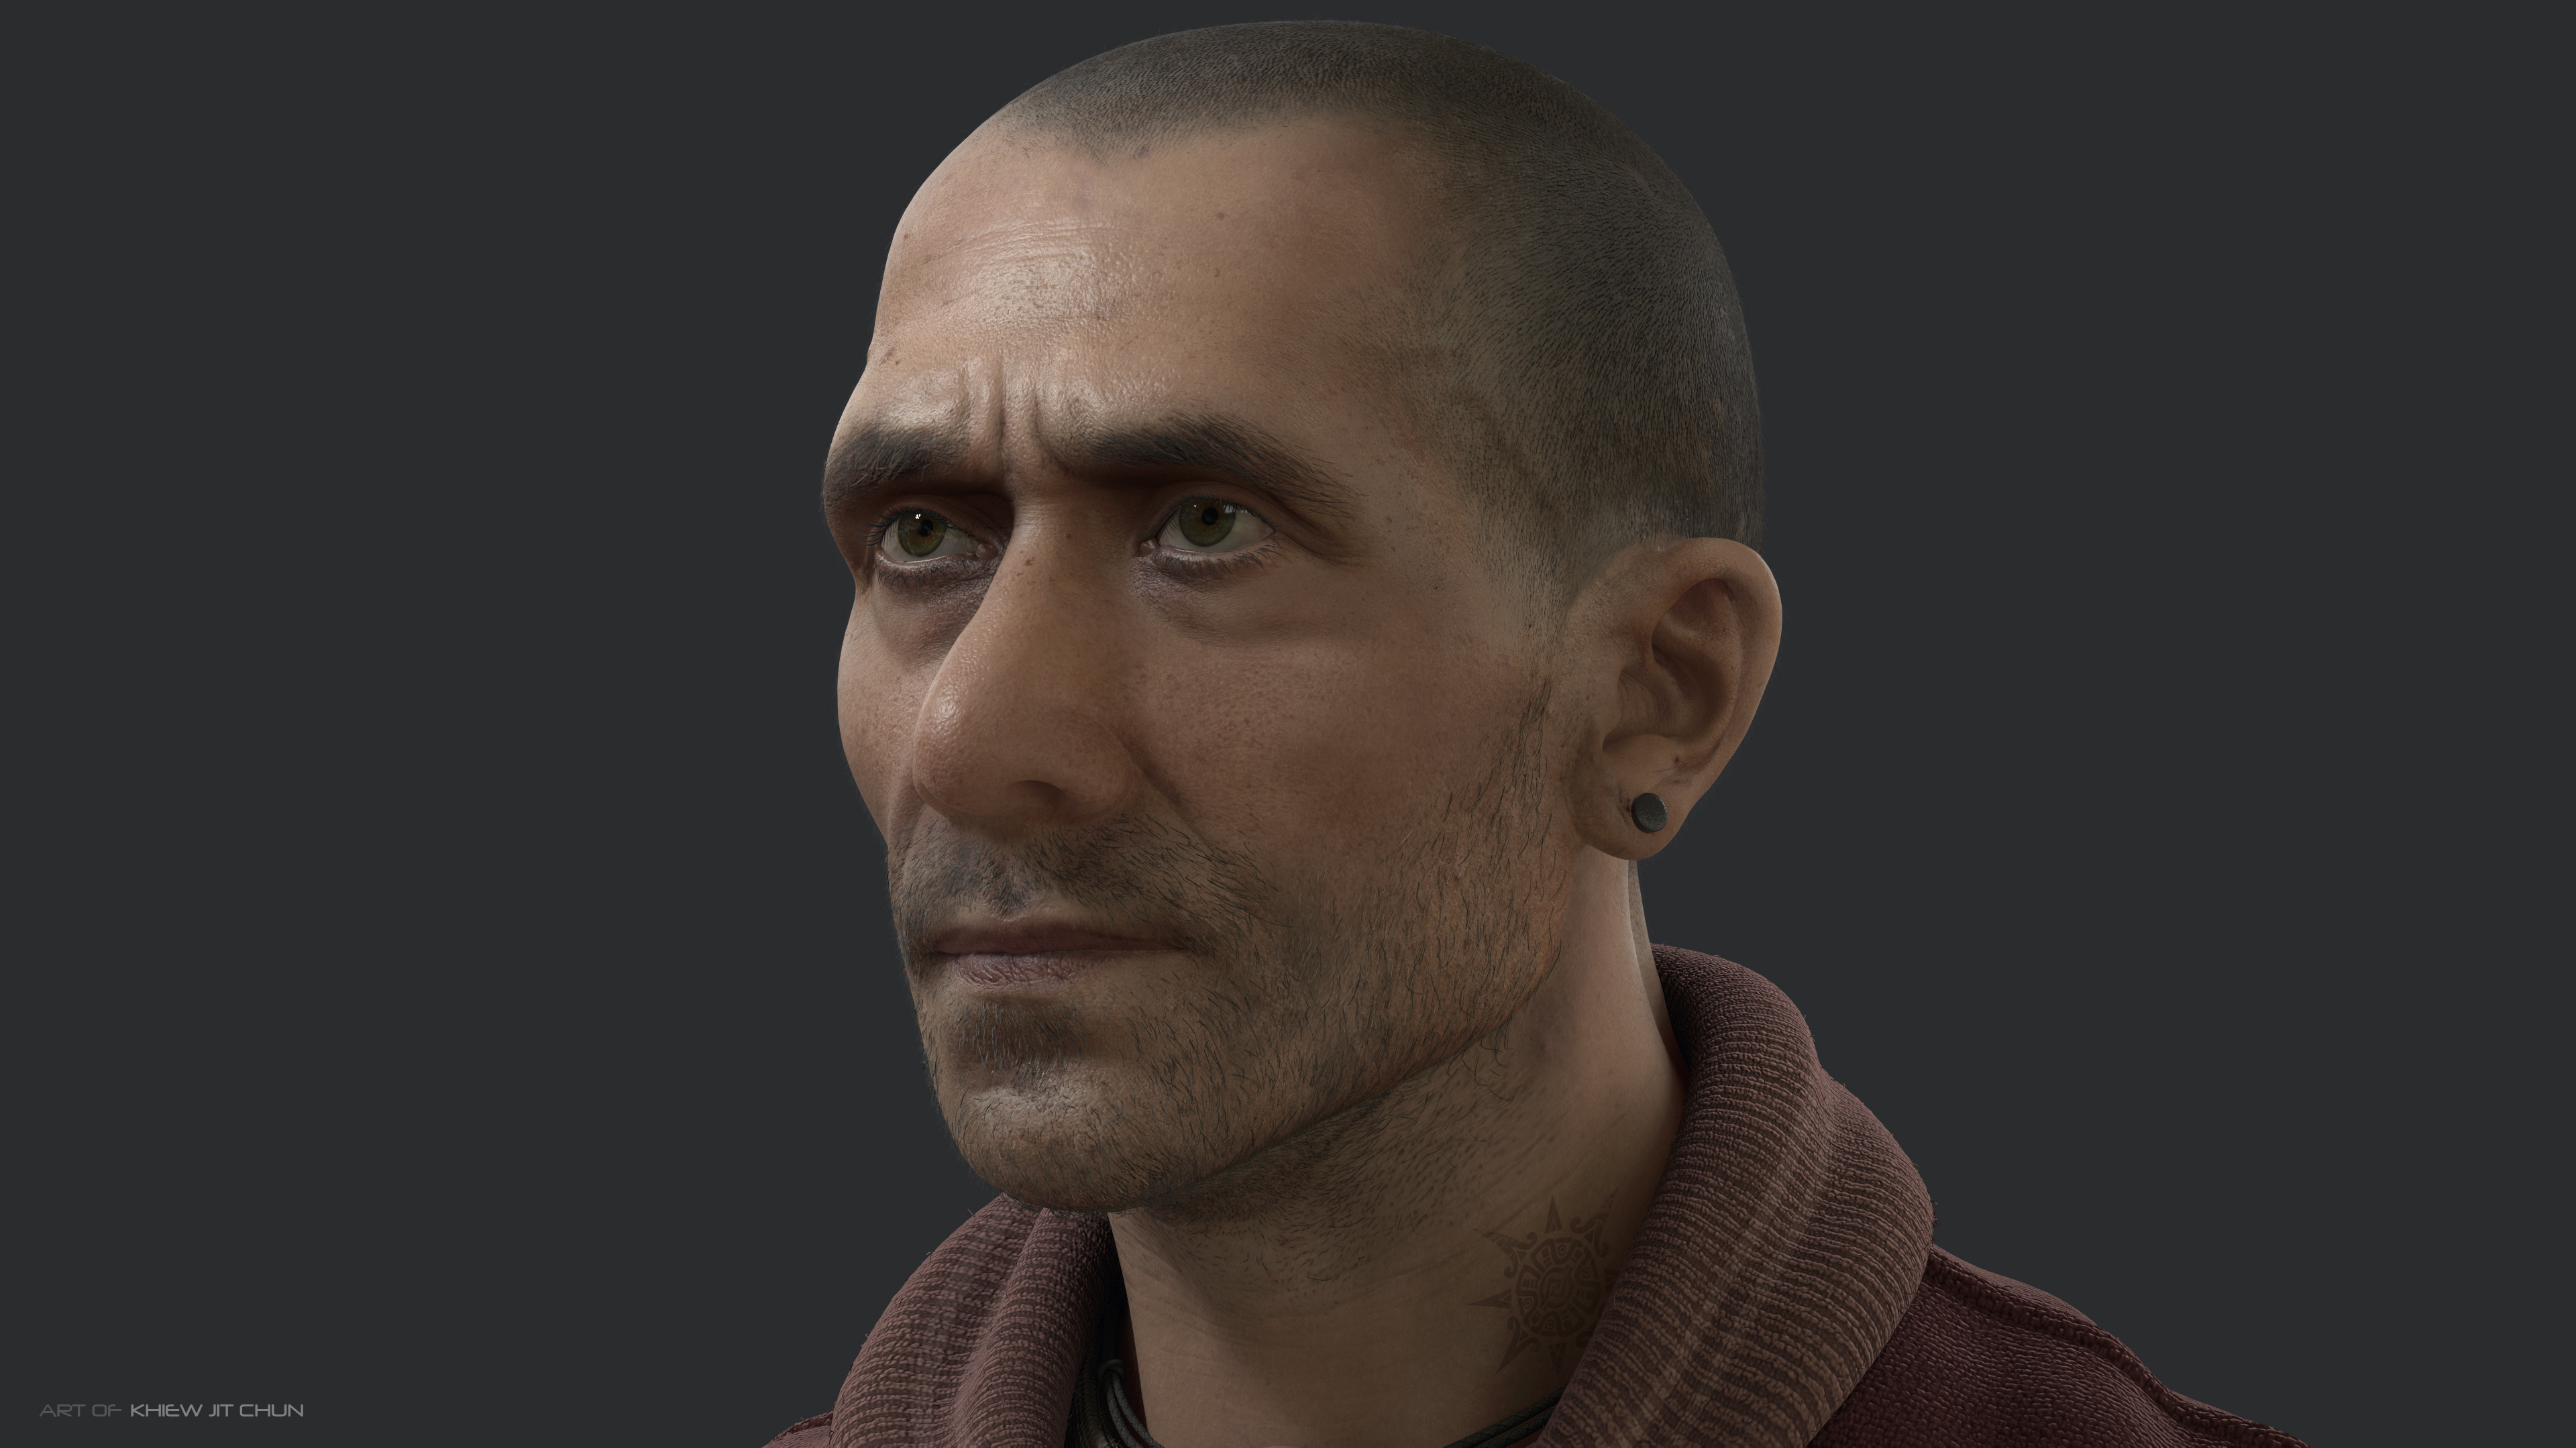 Human Portrait